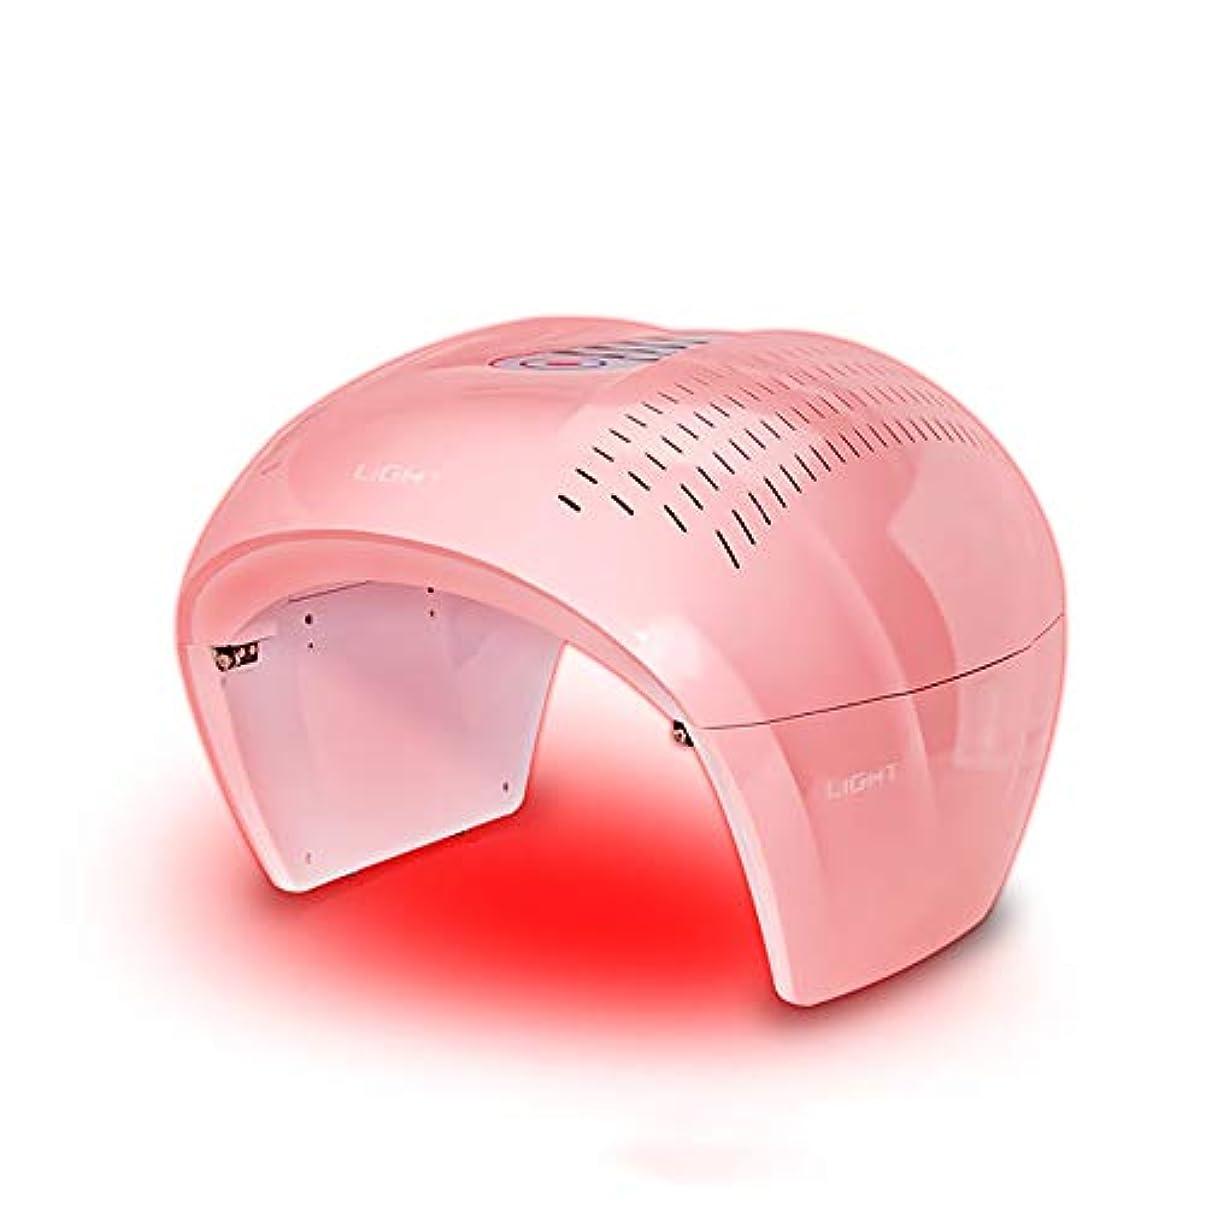 バルク理容師差別化する4色ledフェイシャルマスク療法ライトポータブルフォトンpdtにきび療法しわ除去アンチエイジング肌の若返りスキンケア美容機